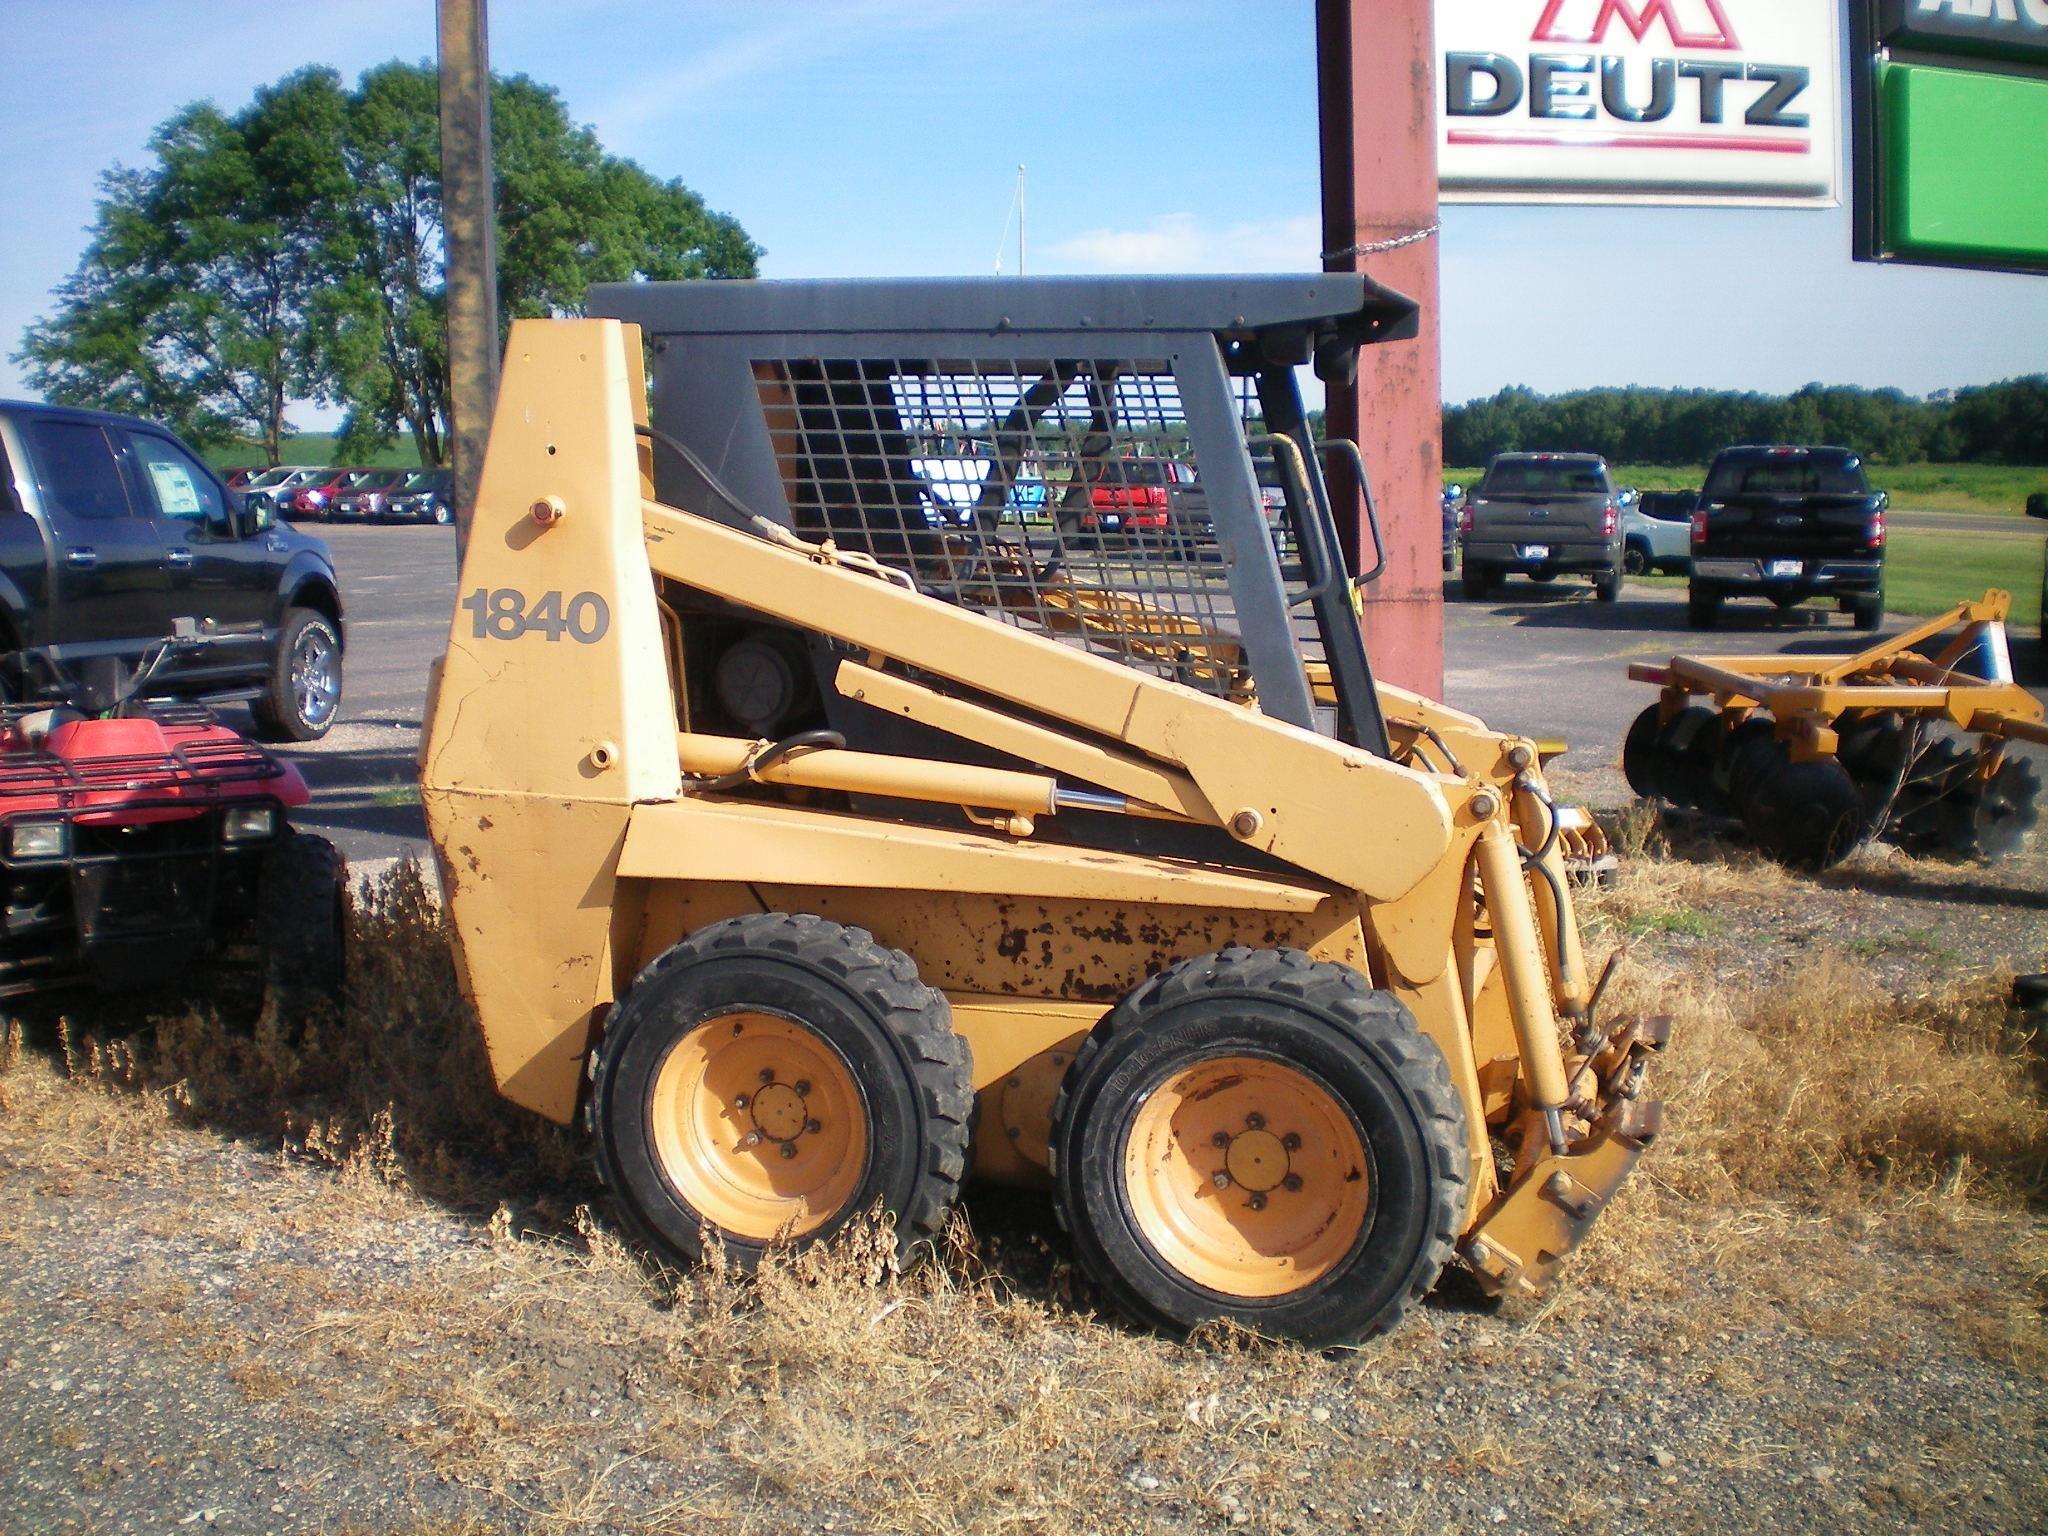 2000 Case 1840 Skid Steer